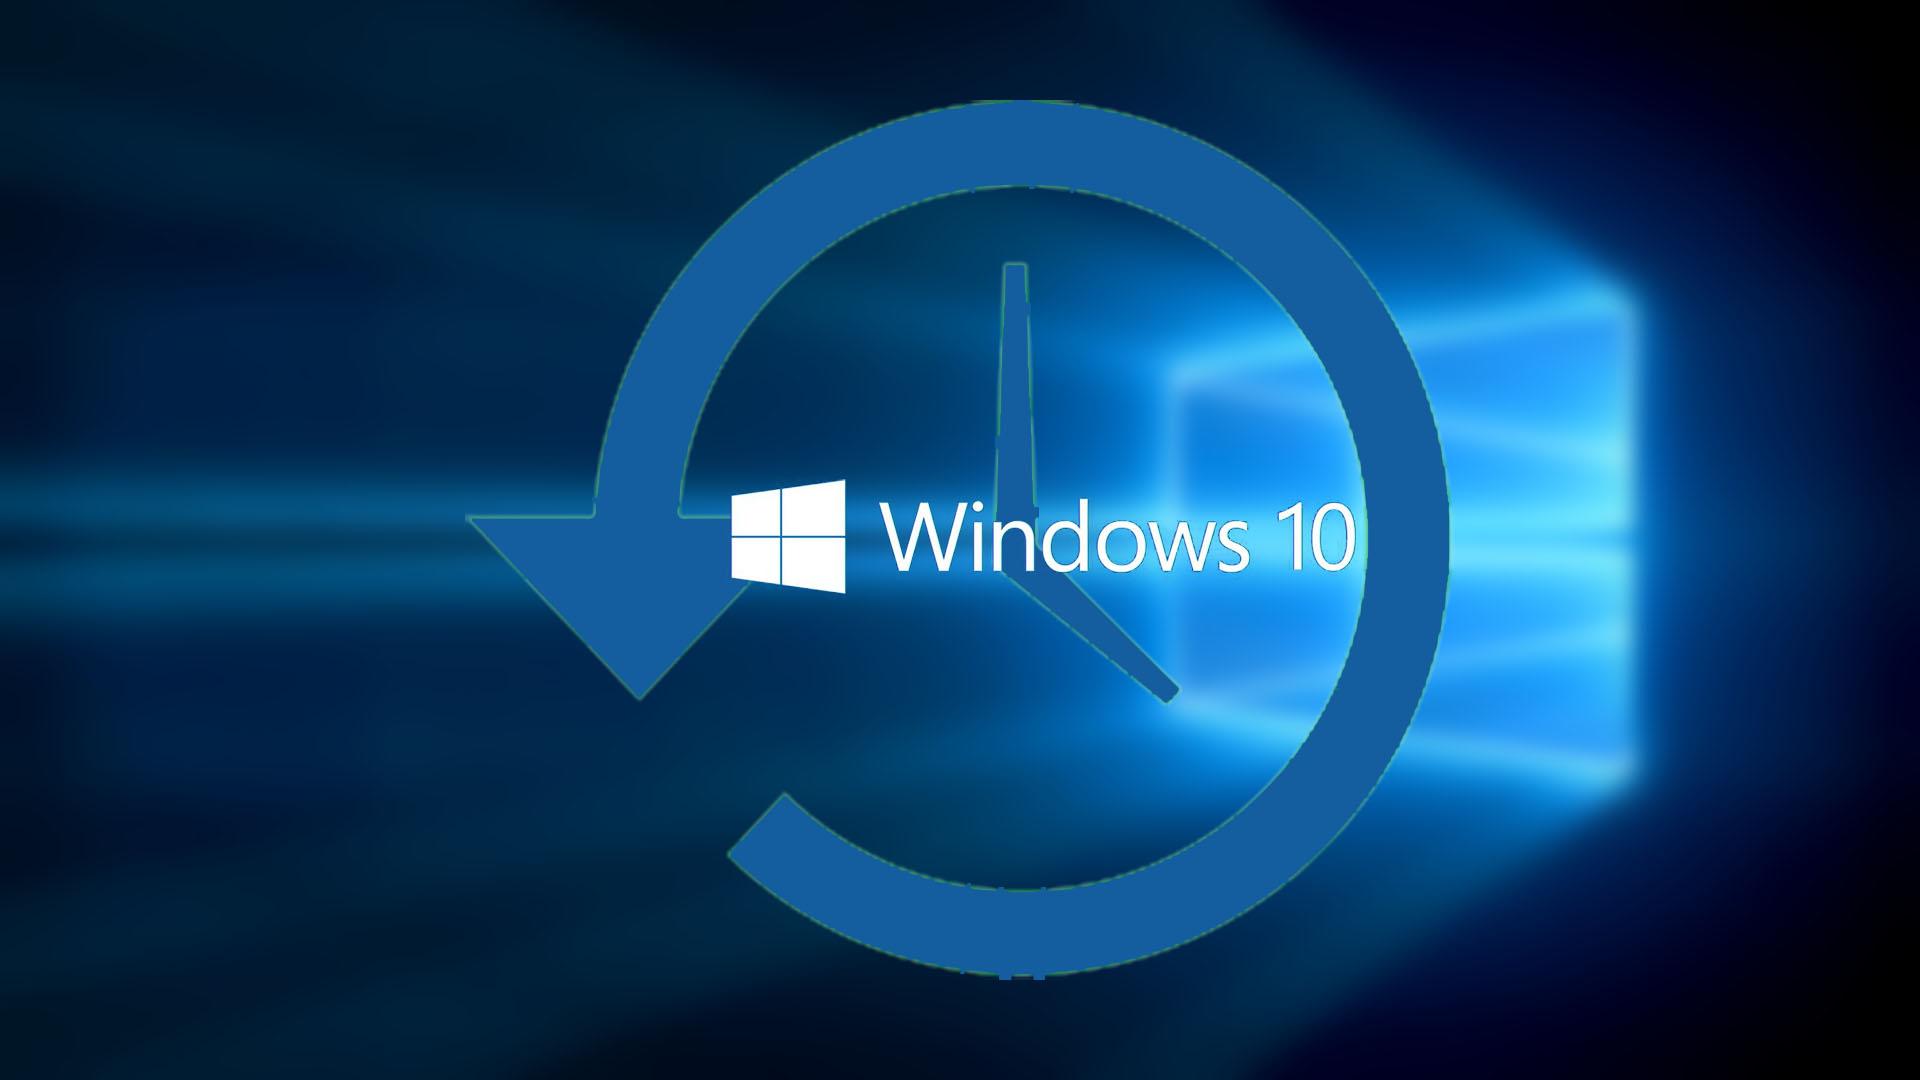 dell windows 7 desktop wallpaper